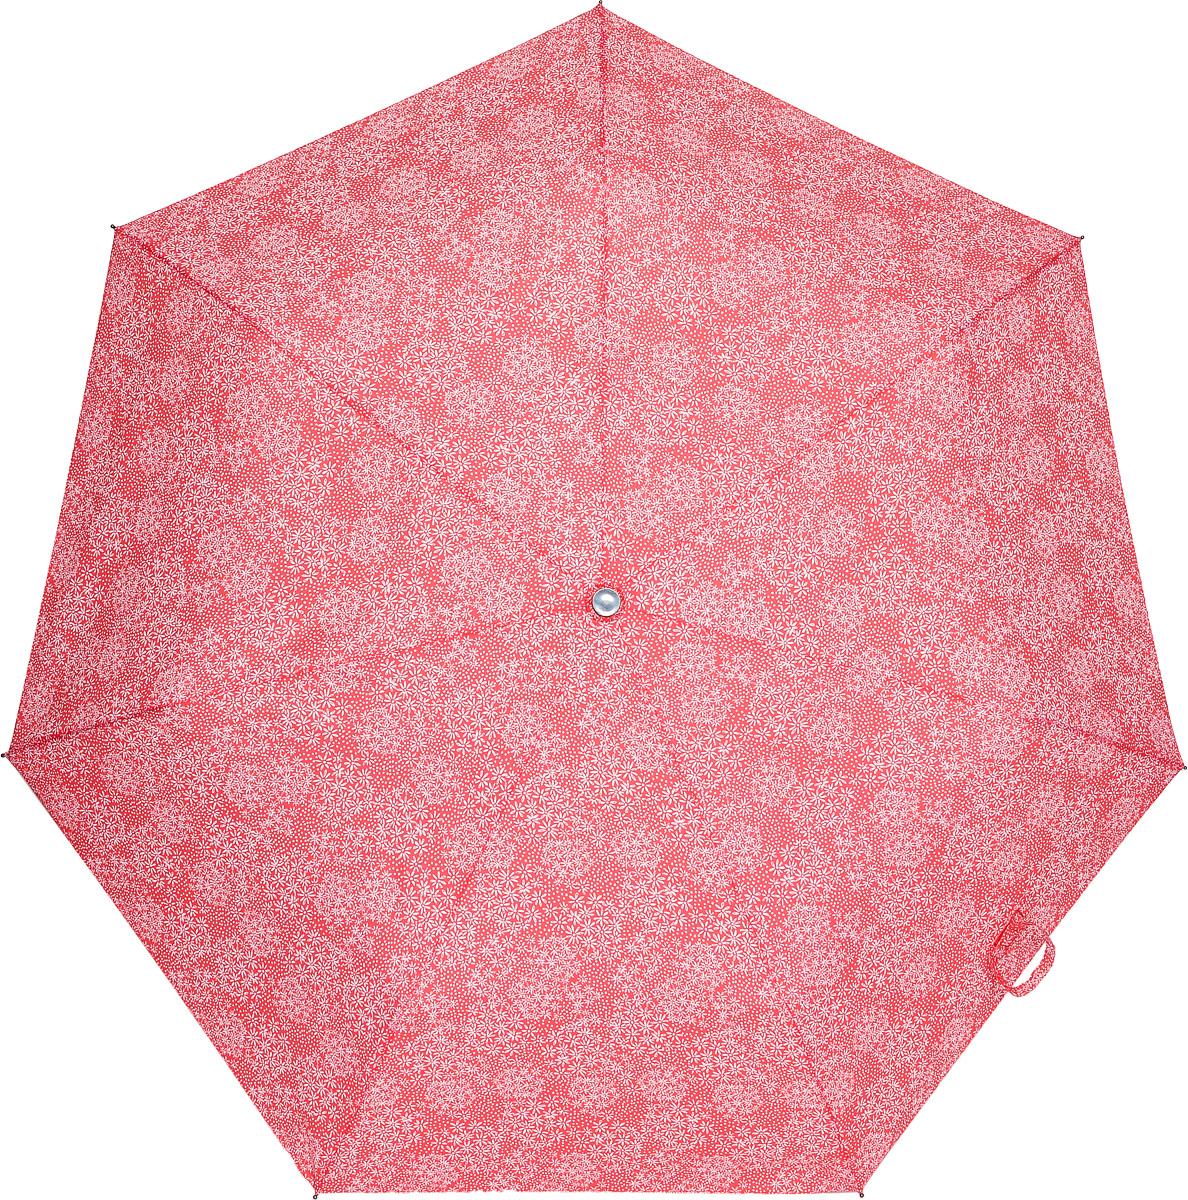 C-Collection 534-1 Зонт полный автом. 3 сл. жен.П300020005-20Зонт испанского производителя Clima. В производстве зонтов используются современные материалы, что делает зонты легкими, но в то же время крепкими. Полный автомат, 3 сложения, 7 спиц, полиэстер.